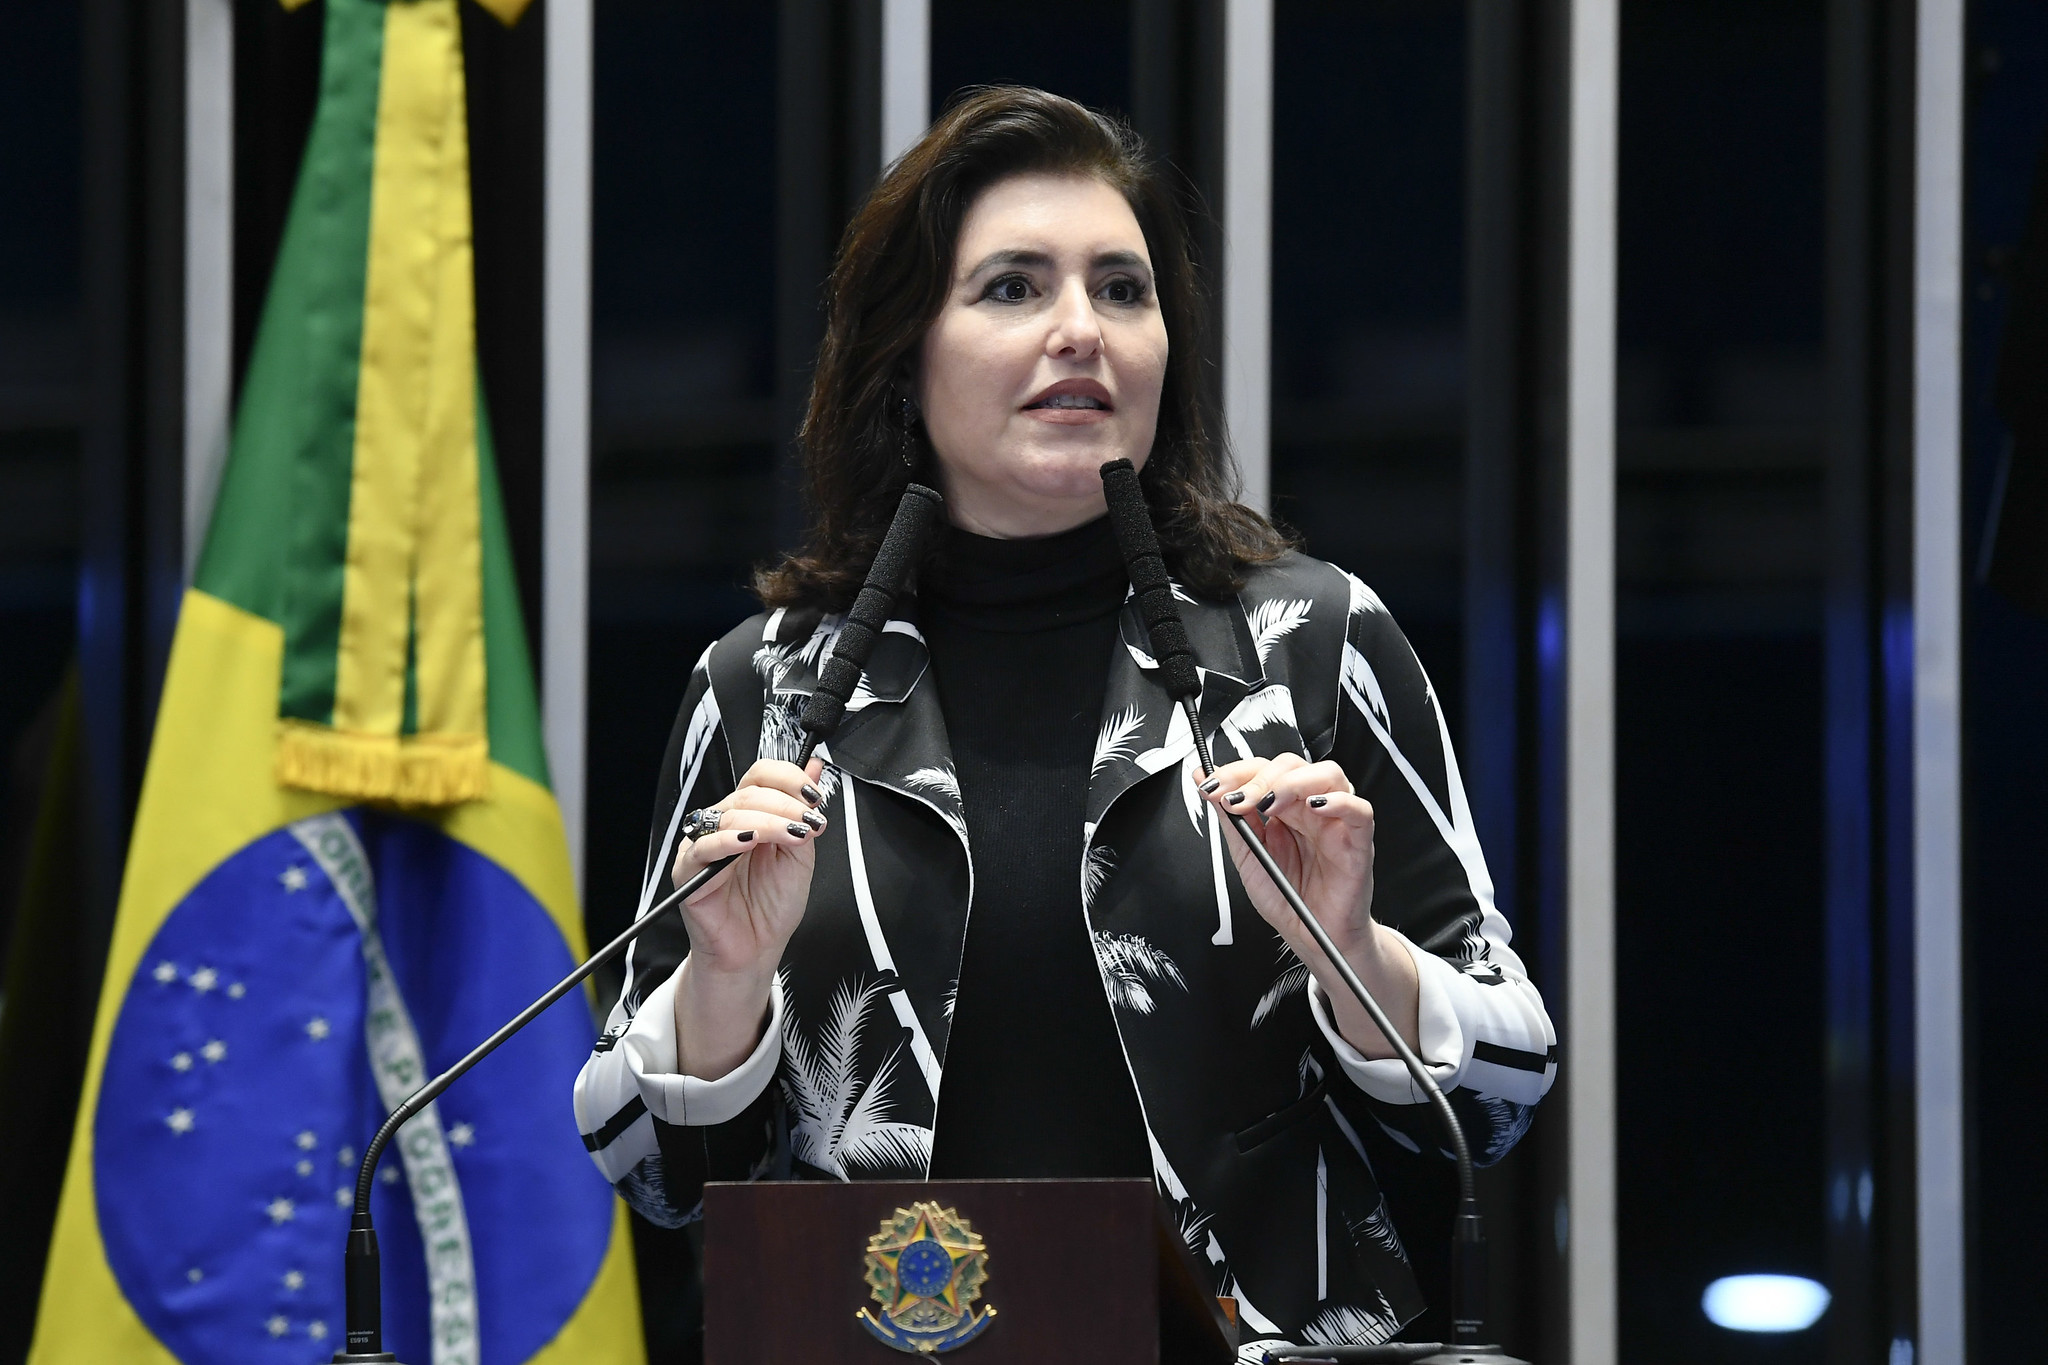 MDB OFICIALIZA A CANDIDATURA DE SIMONE TEBET PARA O SENADO